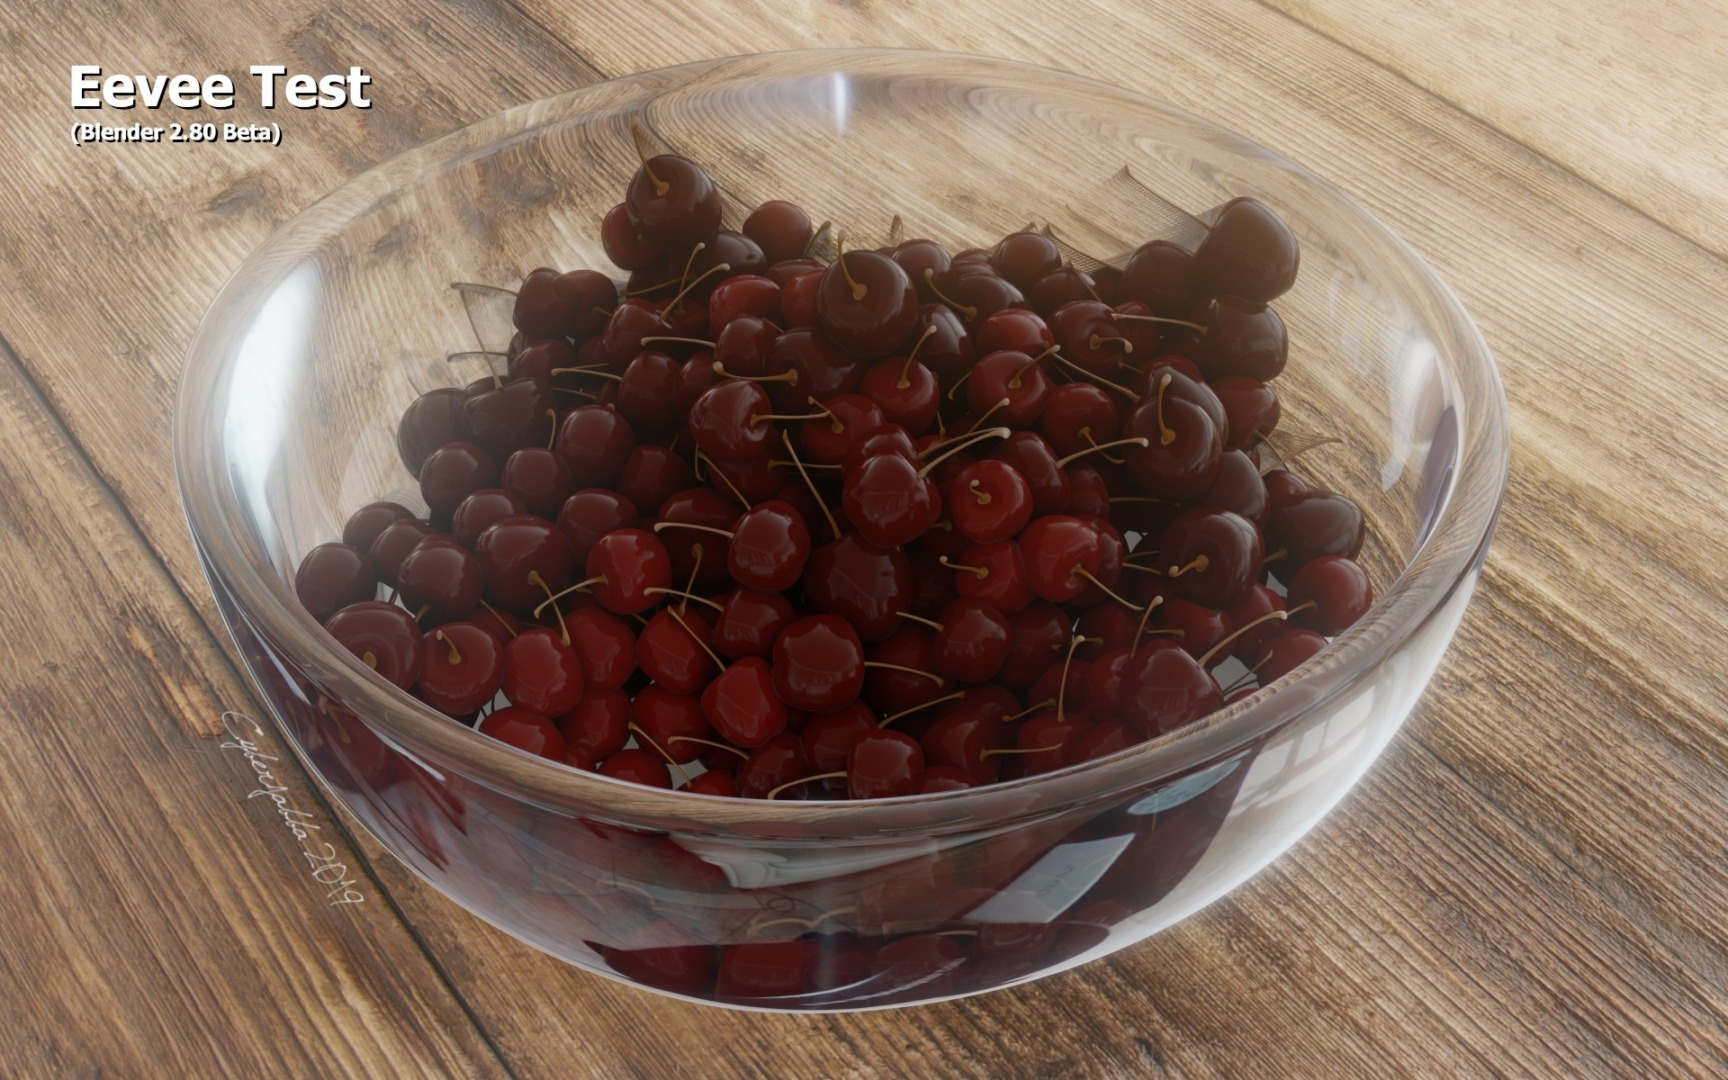 cherries_eevee_test